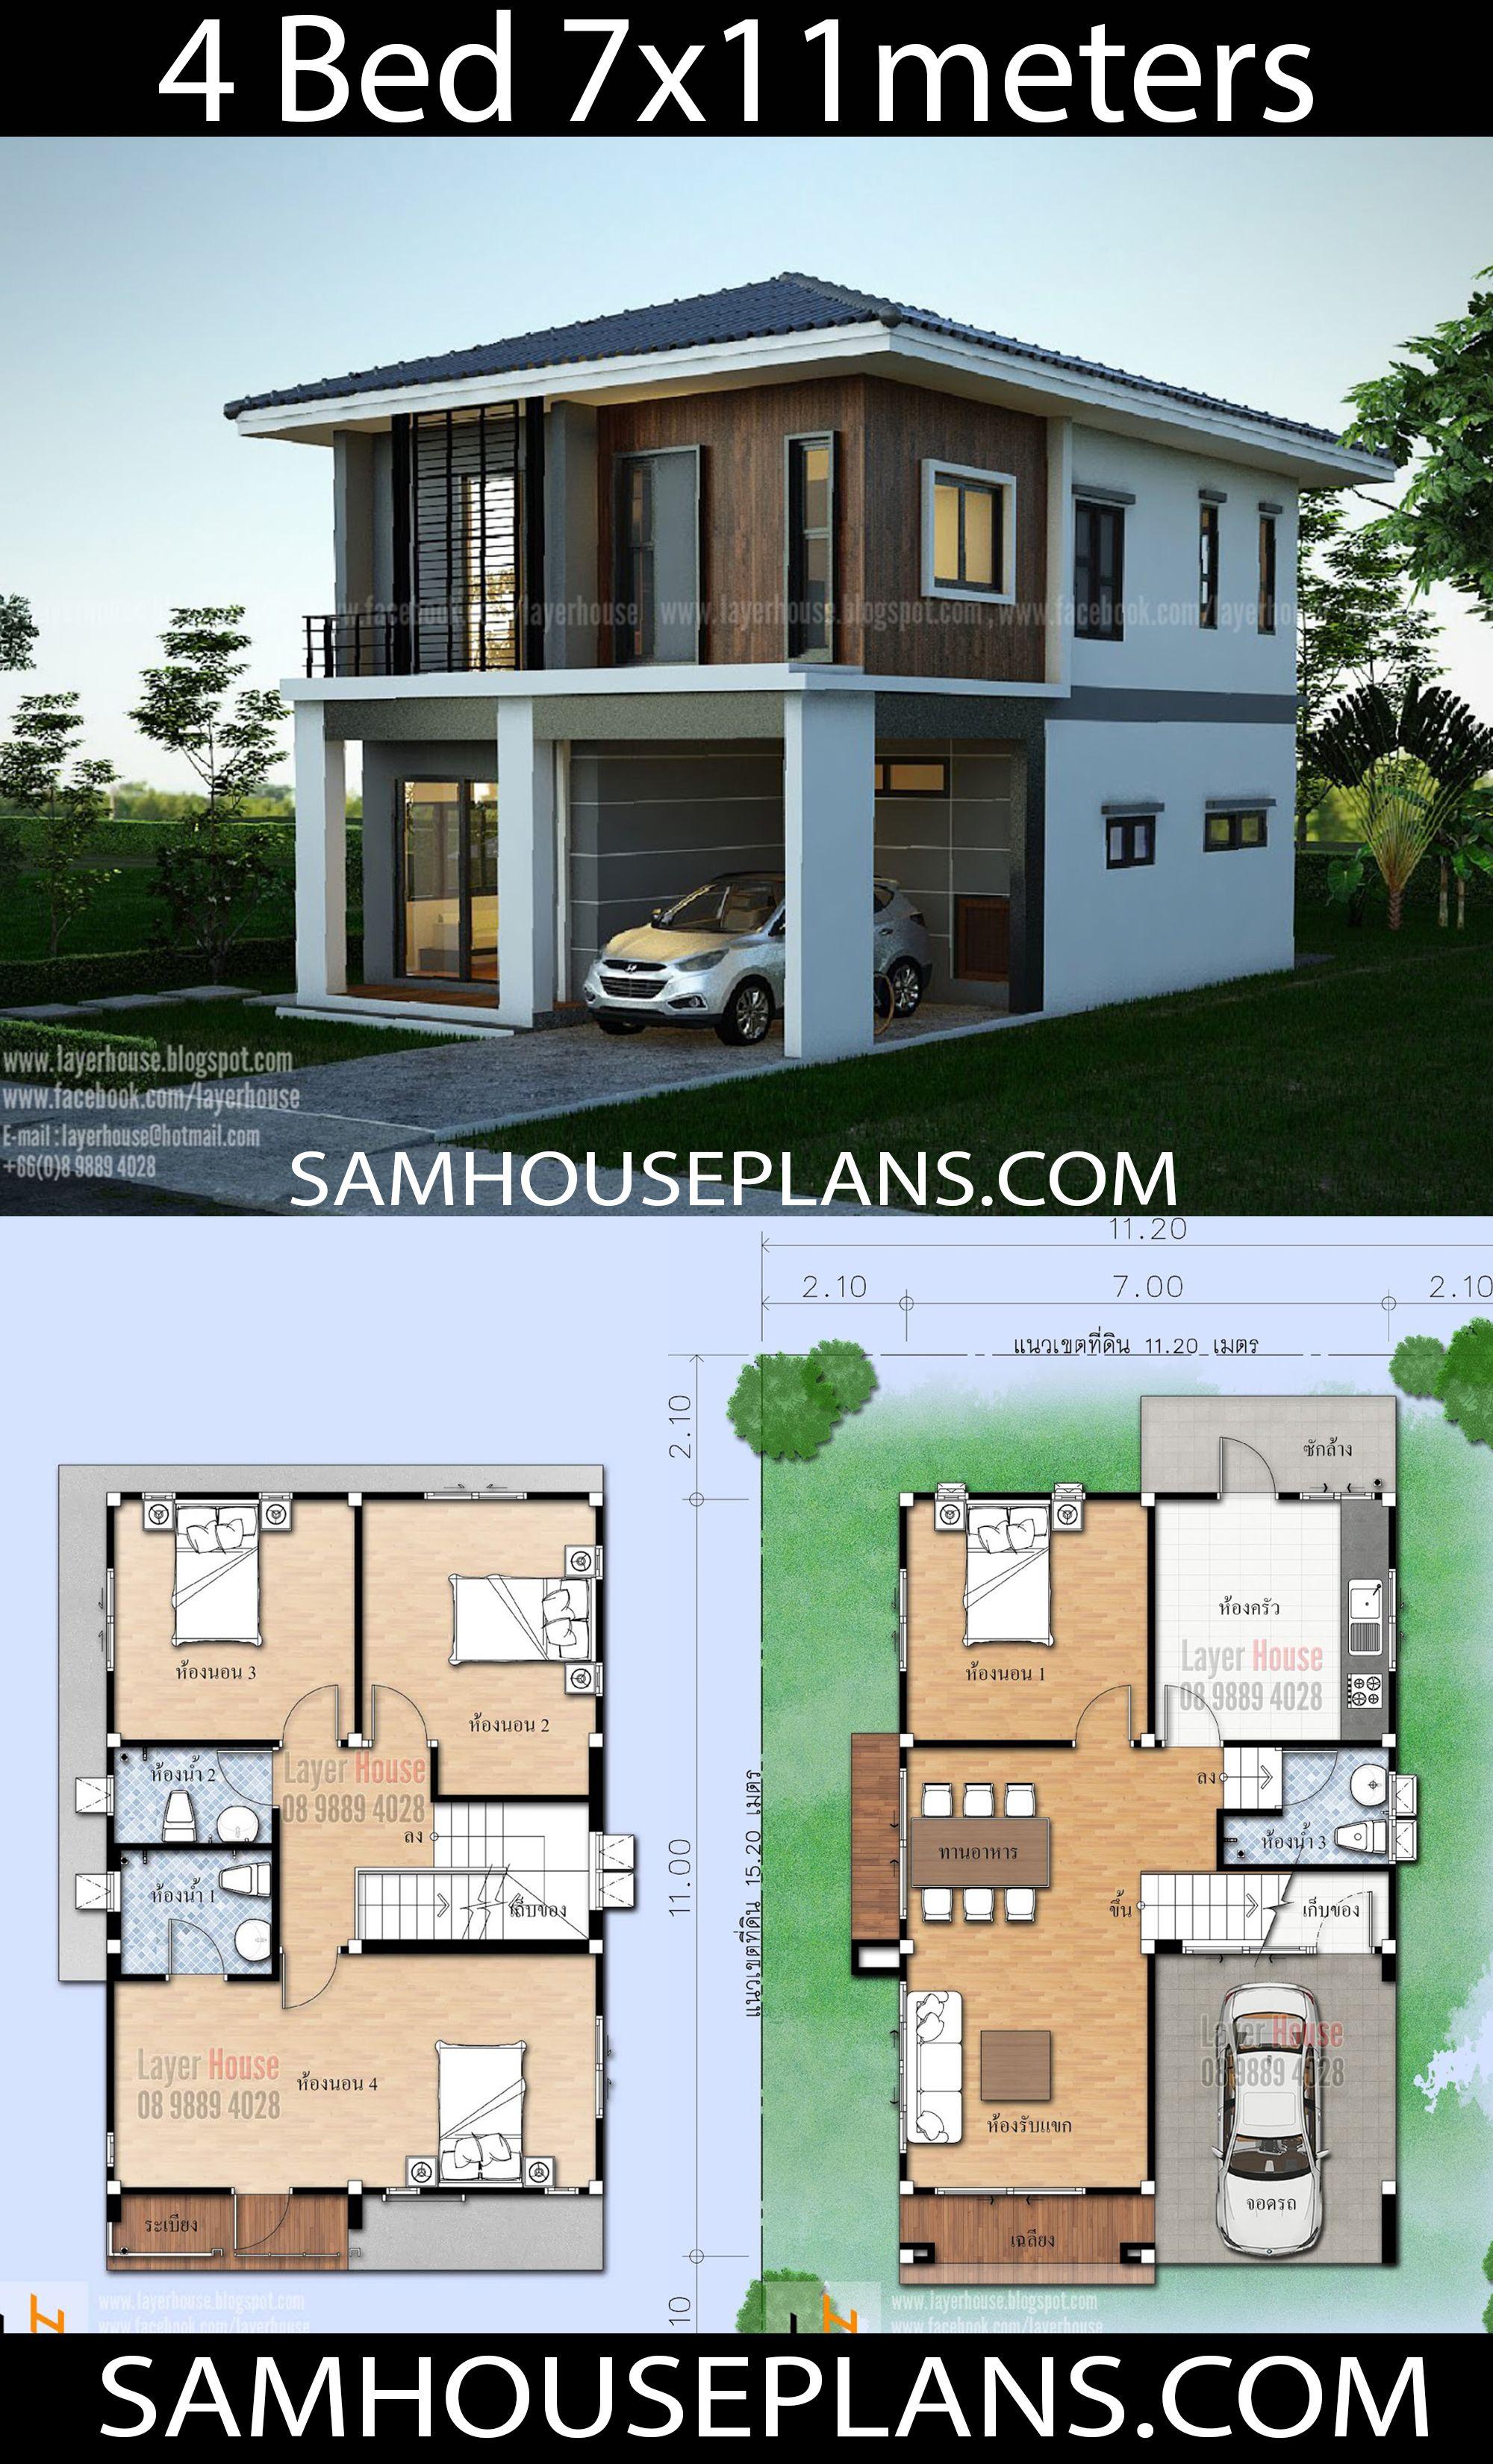 House Plans Idea 7x11 M With 4 Bedrooms House Plans Free Downloads House Construction Plan Minimal House Design Duplex House Plans